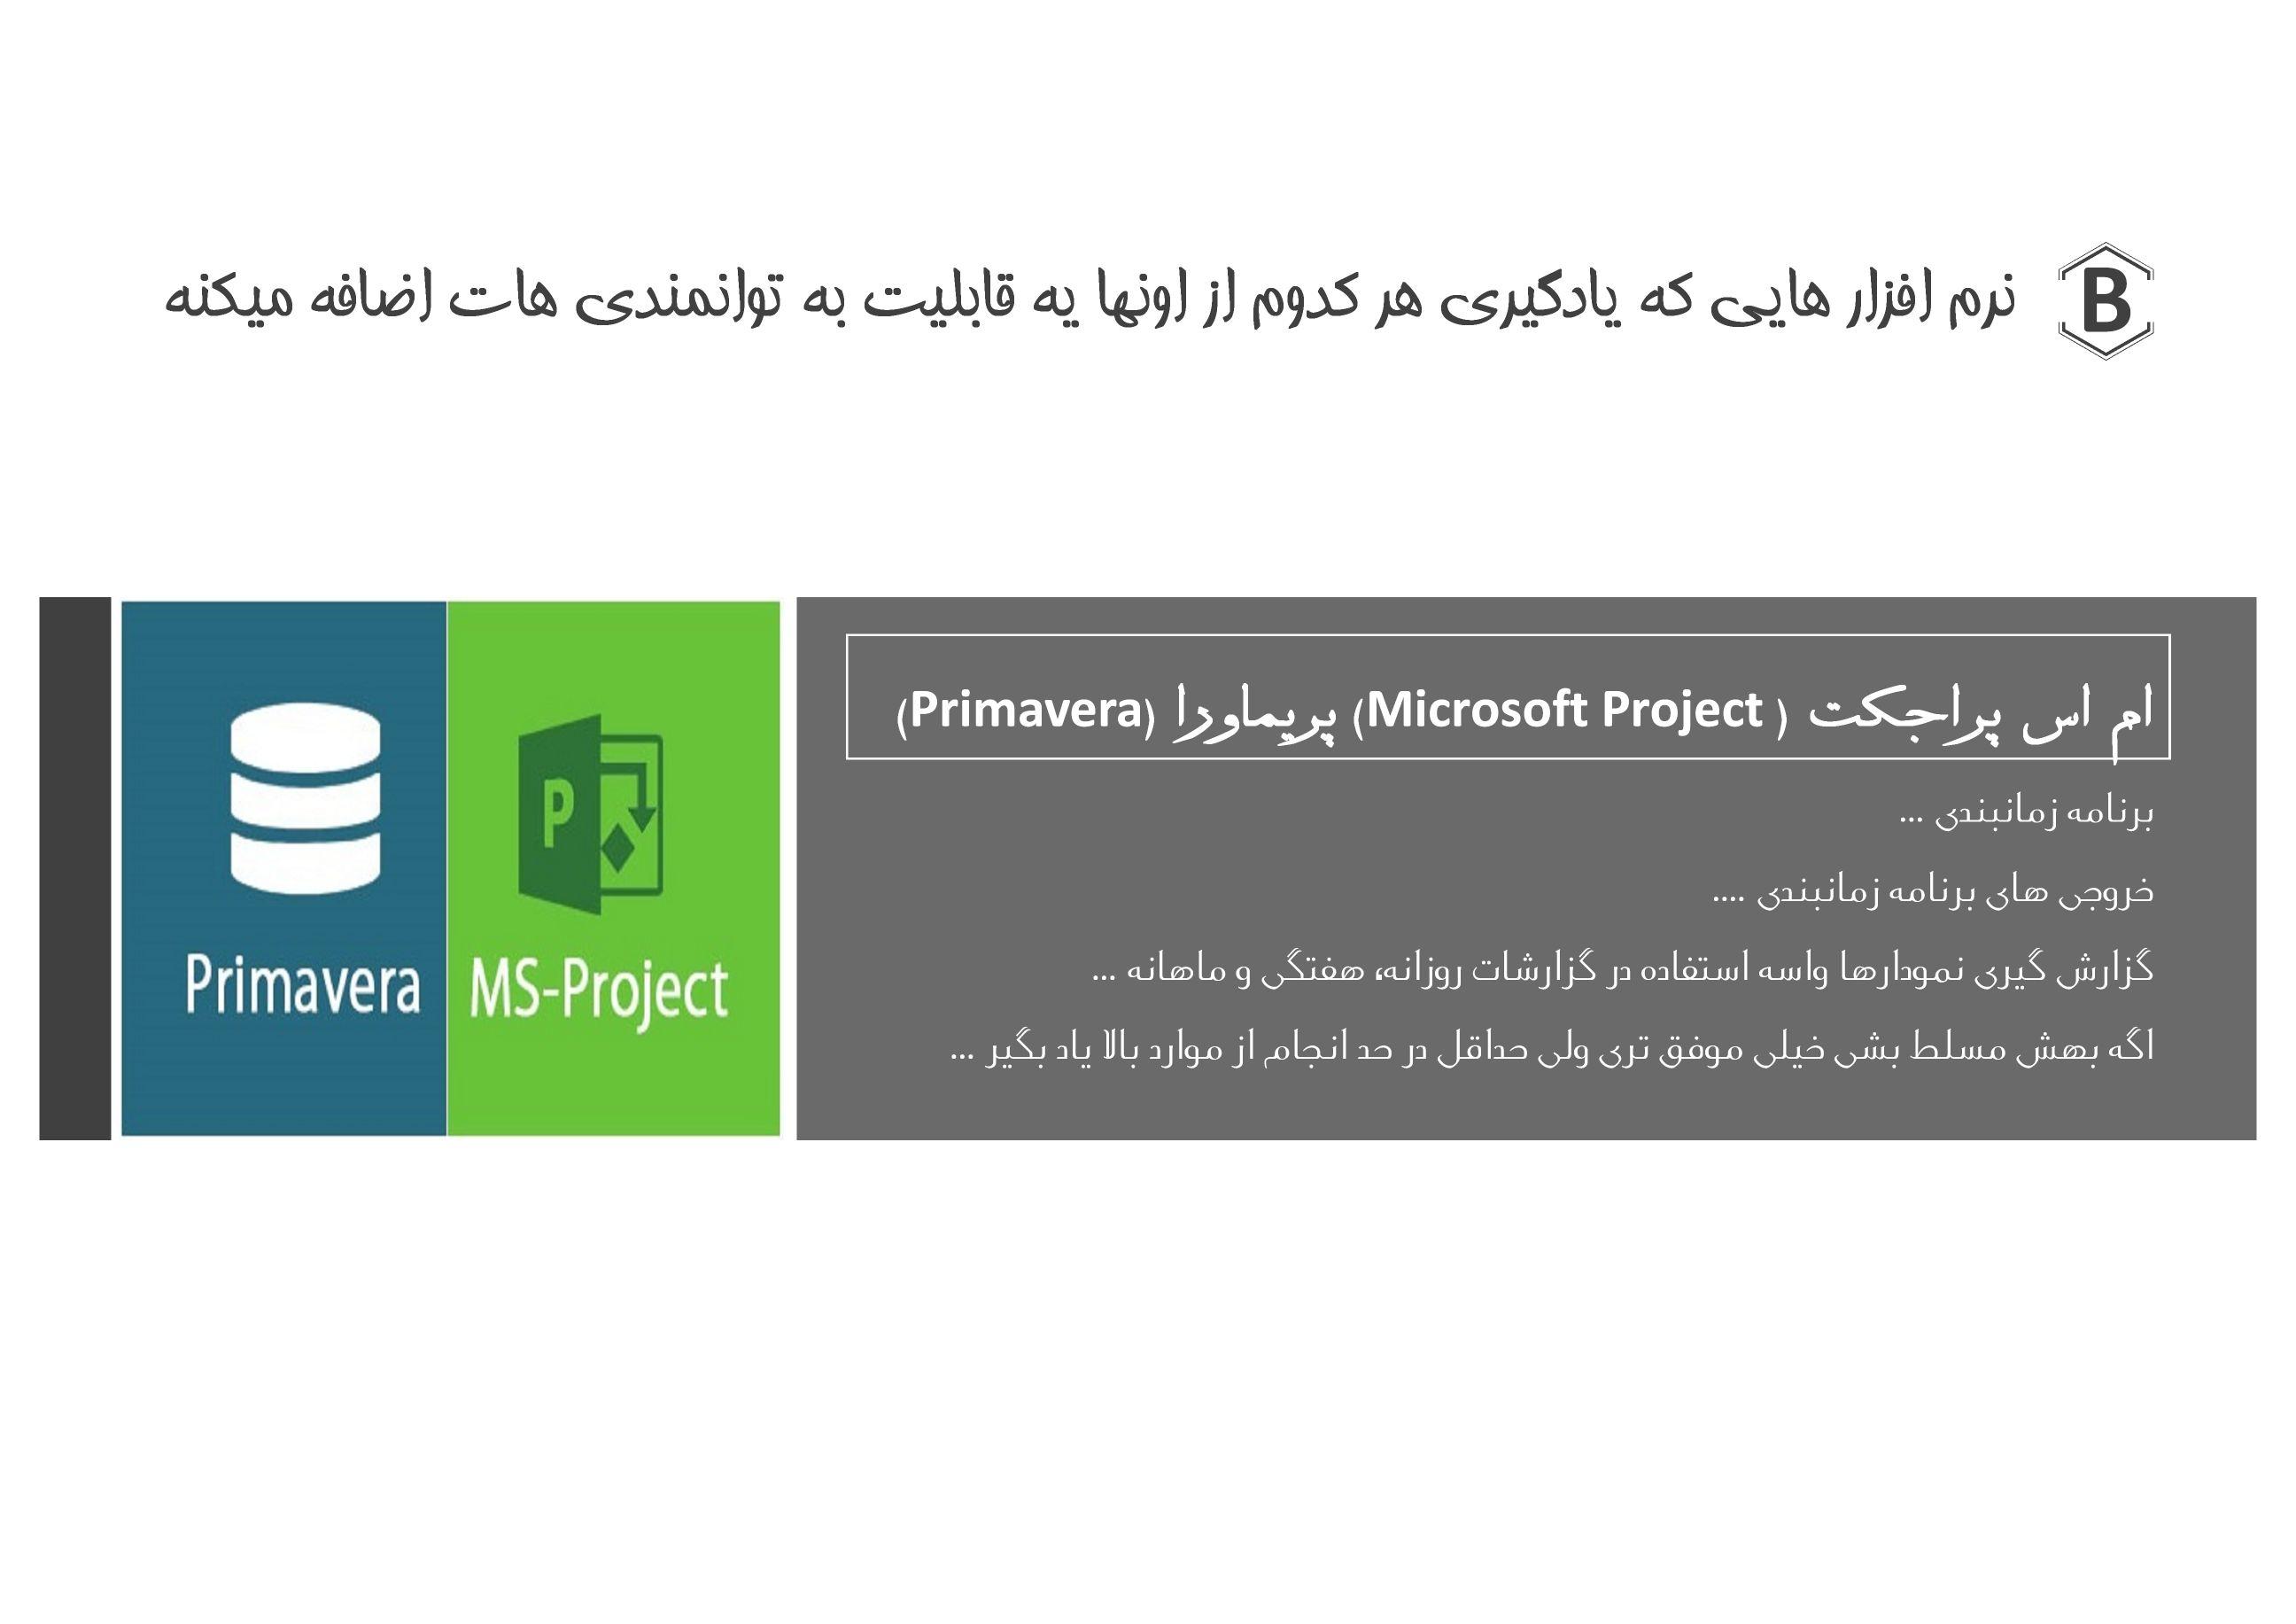 نرم افزار برنامه زمانبندی برای پروژه عمرانی